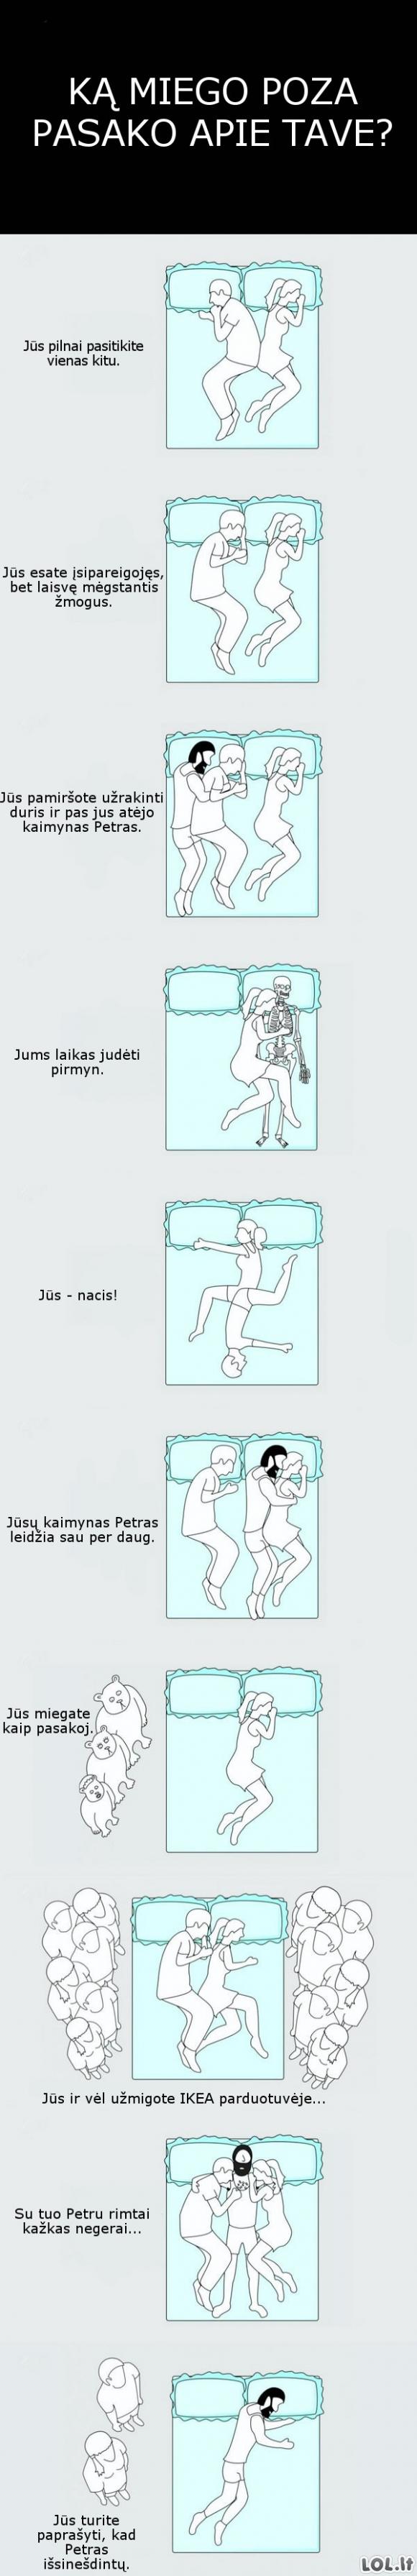 Ką miego poza pasako apie tave?